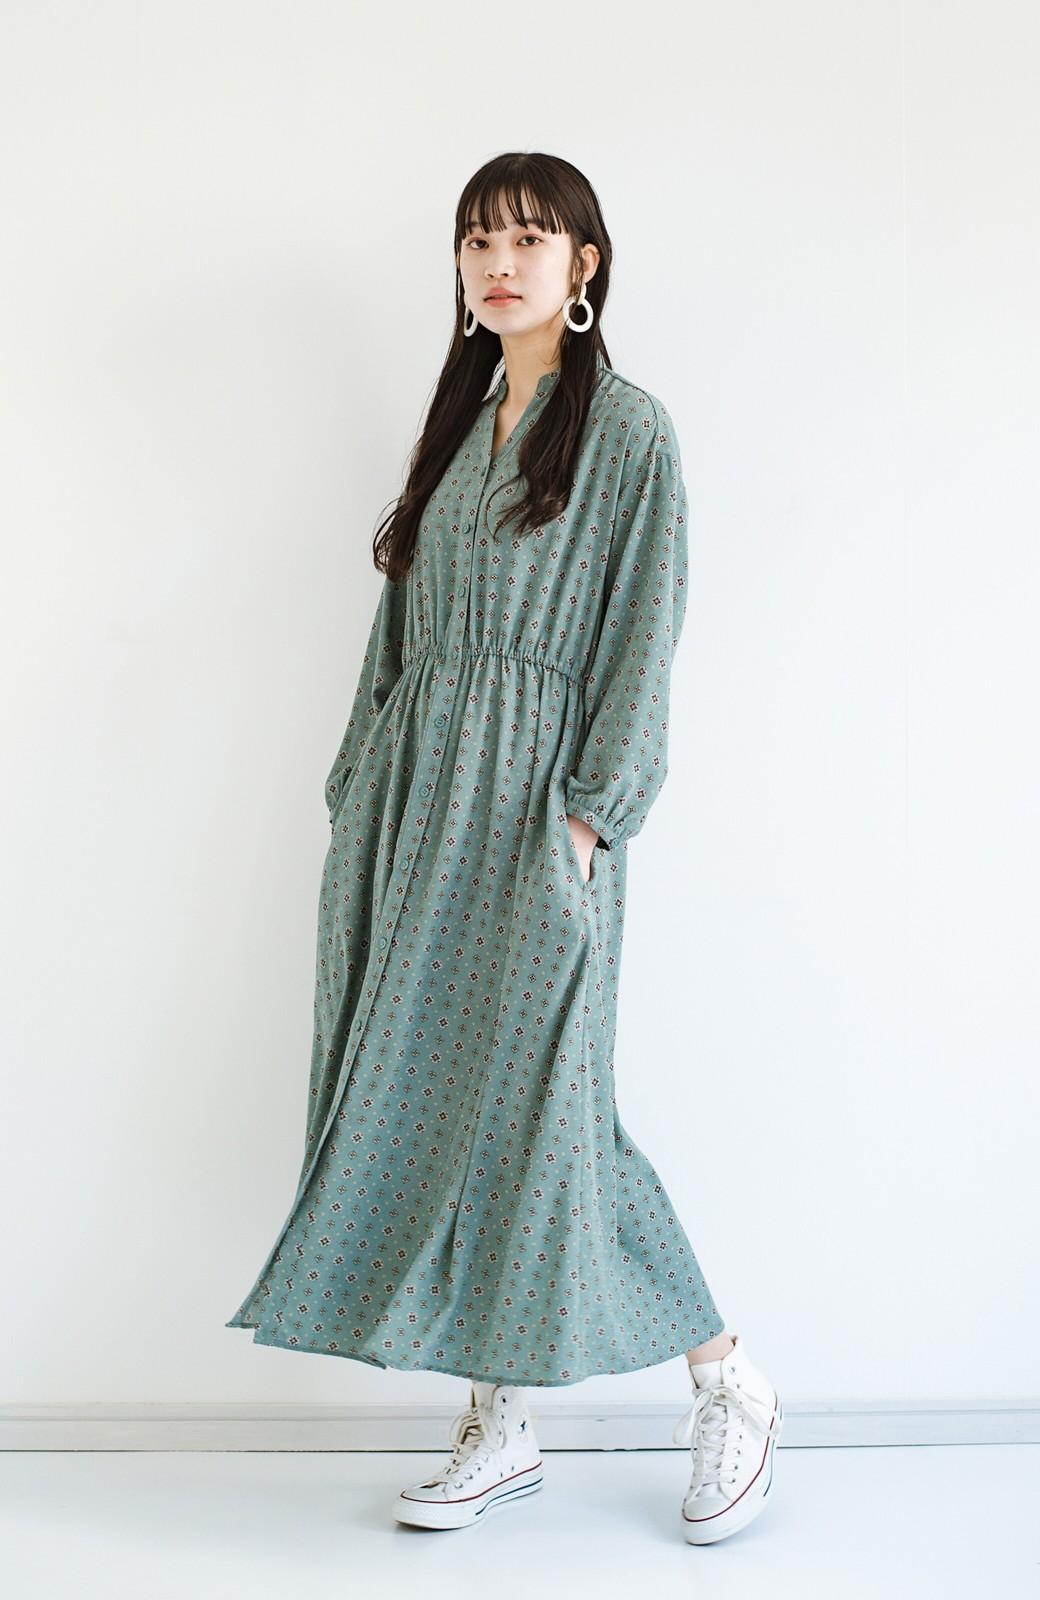 haco! コーデが華やいで気分も上がる 羽織りとしても便利な大人の雰囲気漂う小紋柄風ワンピース <ブルー>の商品写真10